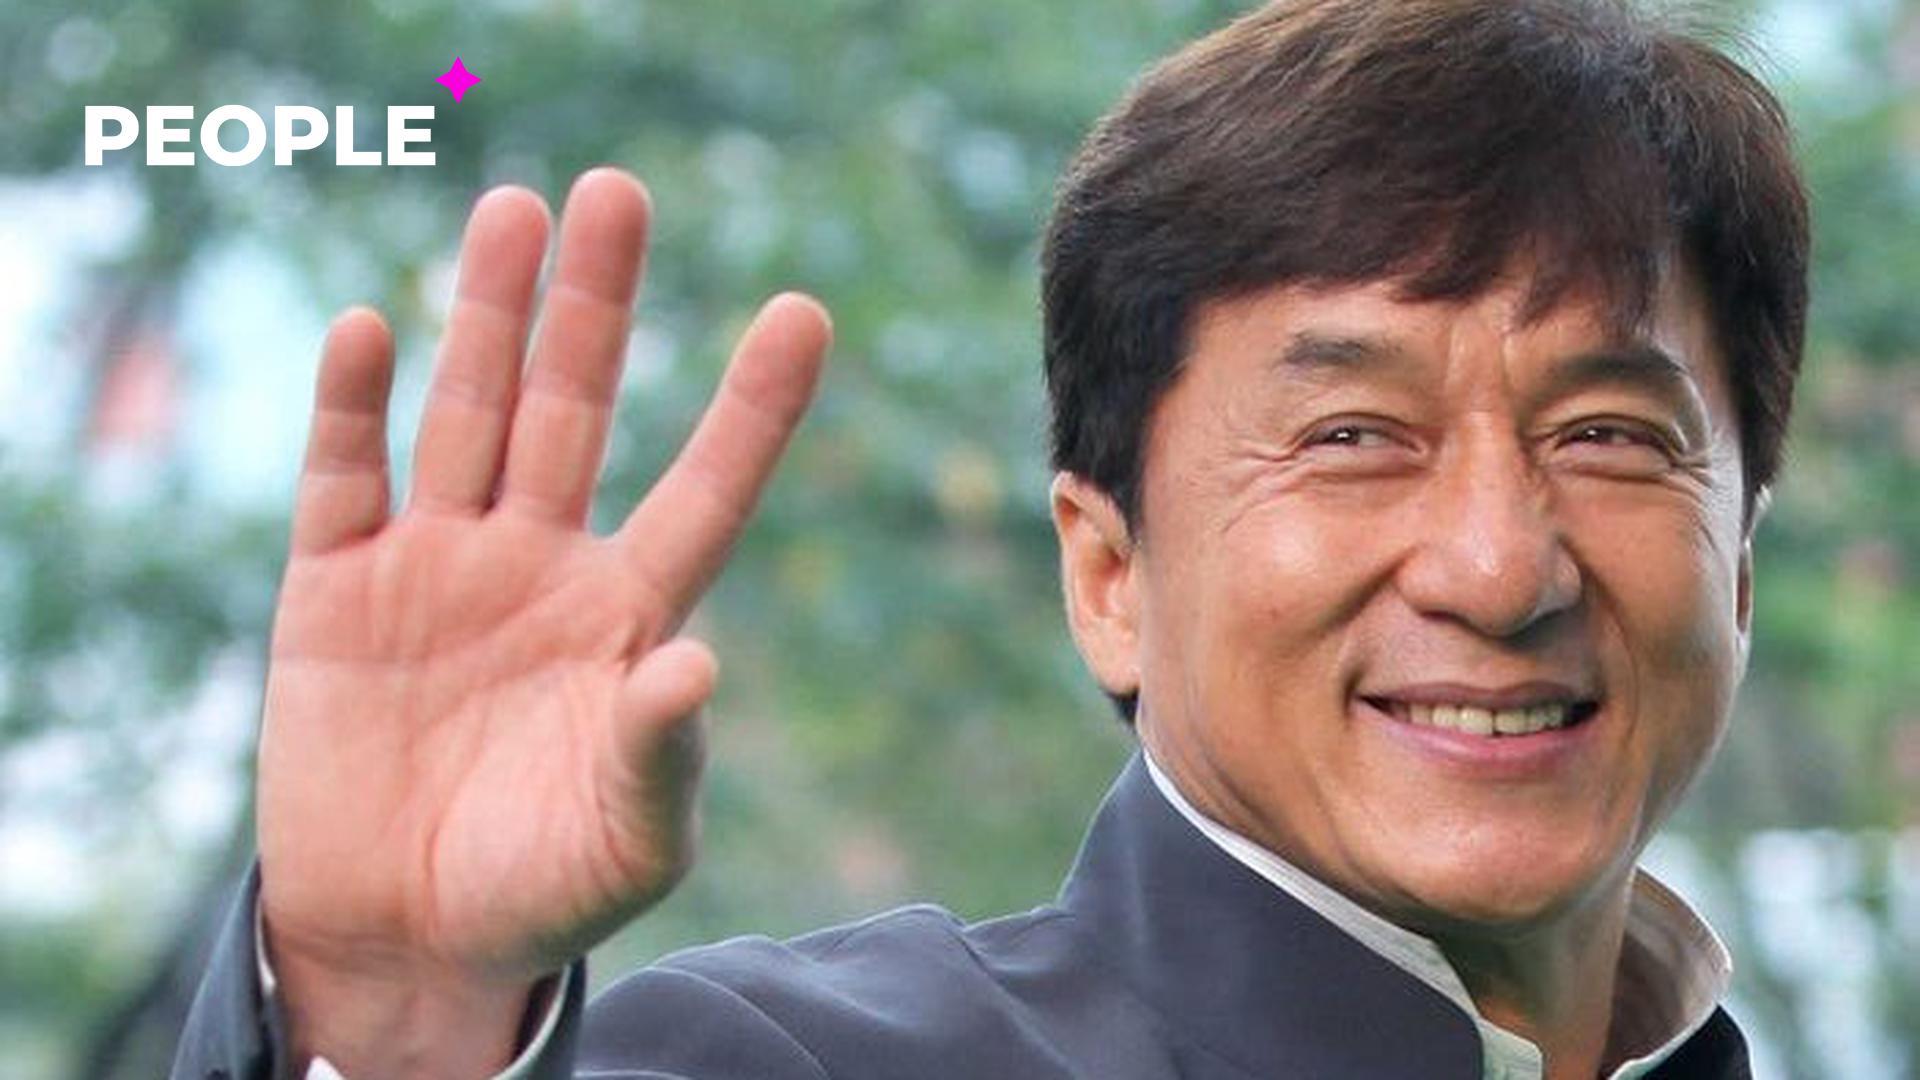 В Сети появились слухи о том, что Джеки Чан прибыл в Узбекистан